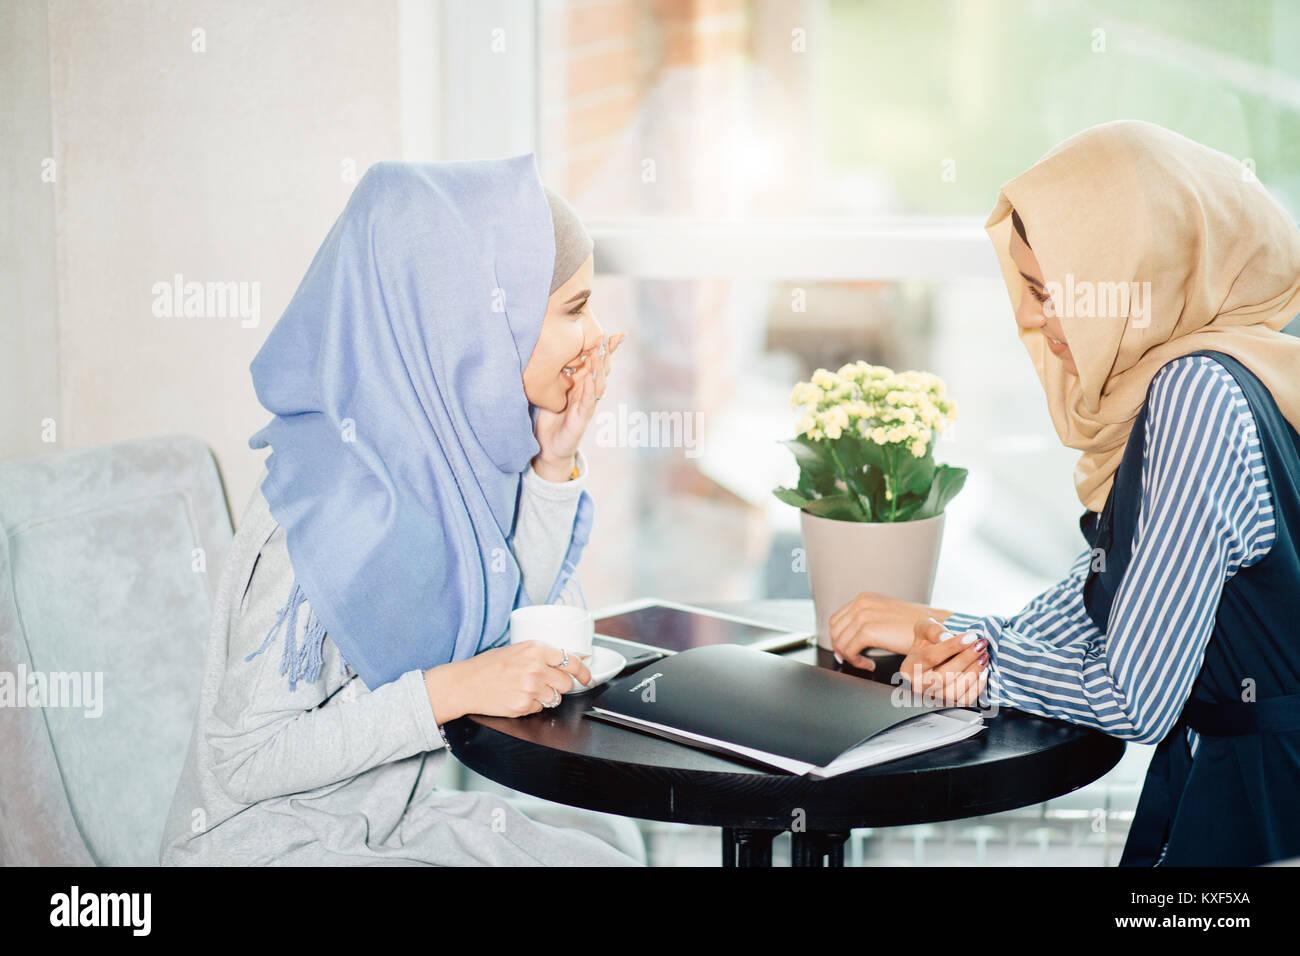 Retrato de dos mujer hablando mientras está sentado en el sofá disfrutando de café Imagen De Stock